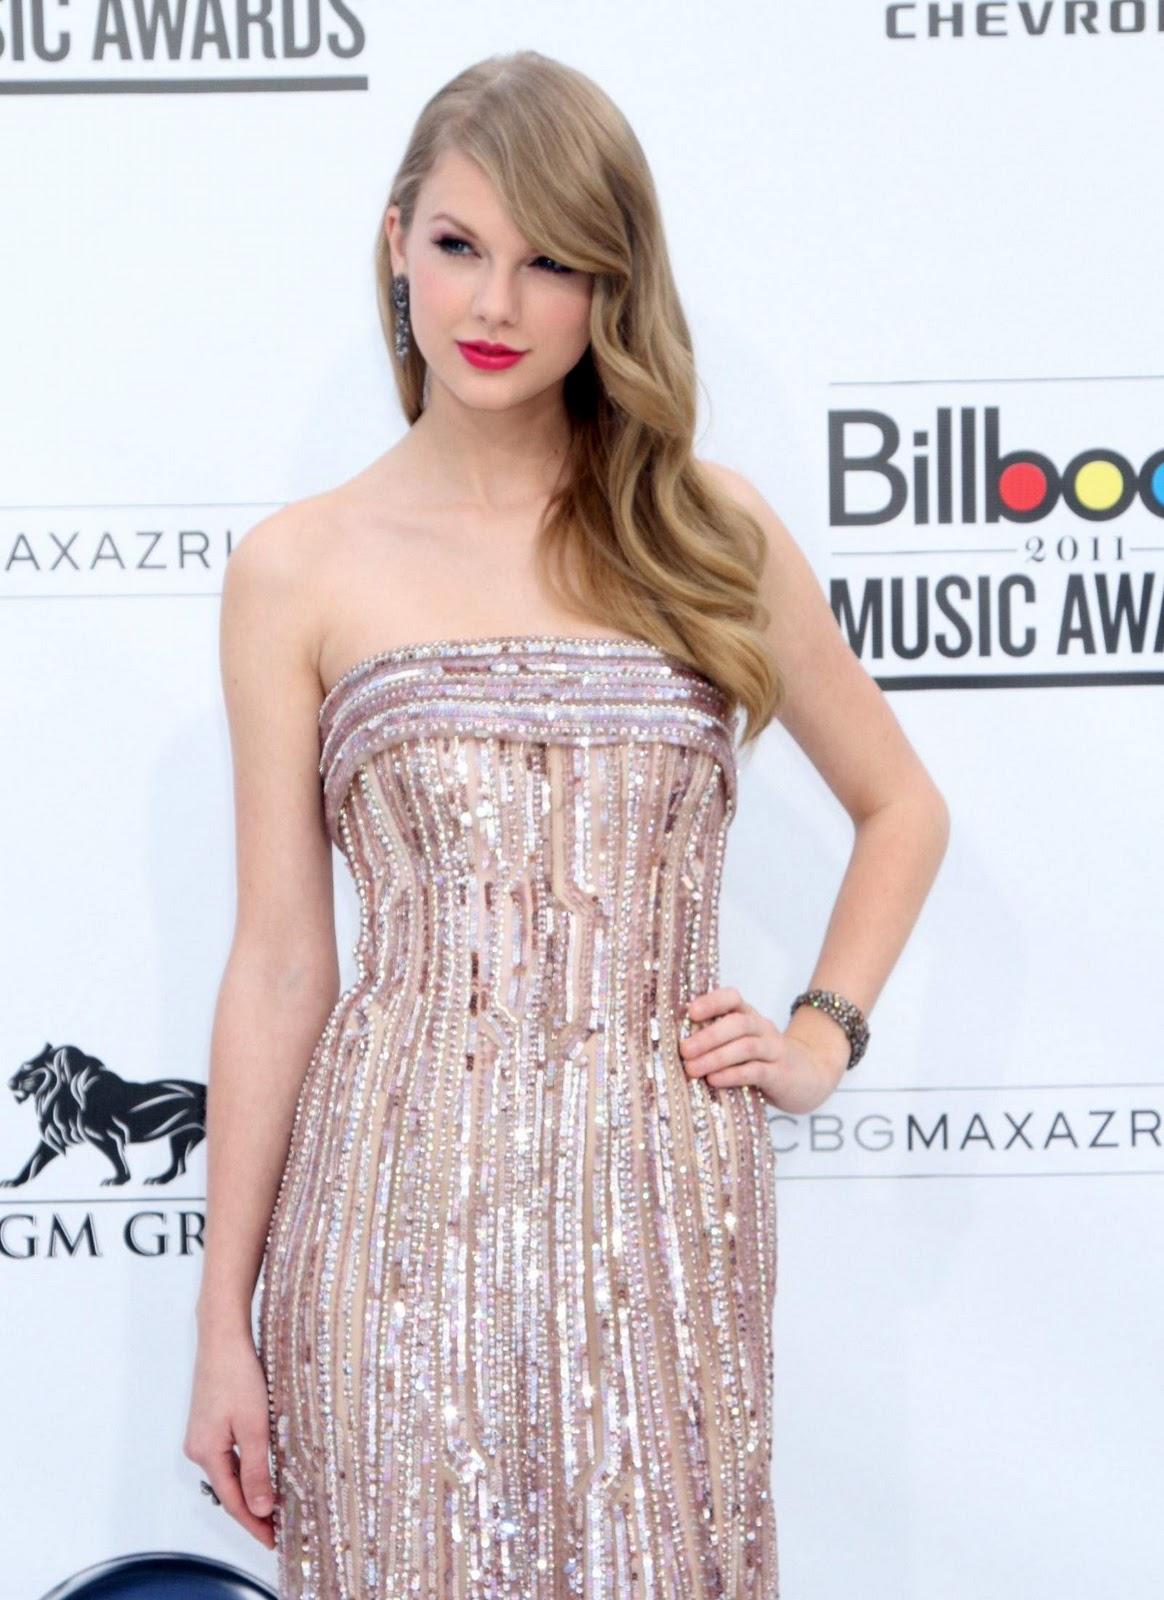 http://4.bp.blogspot.com/-6UJdG4P9Lo0/Tp-thB7TYYI/AAAAAAAABQQ/pE8pzP7BFpE/s1600/Hot-Taylor-Swift-10.jpg